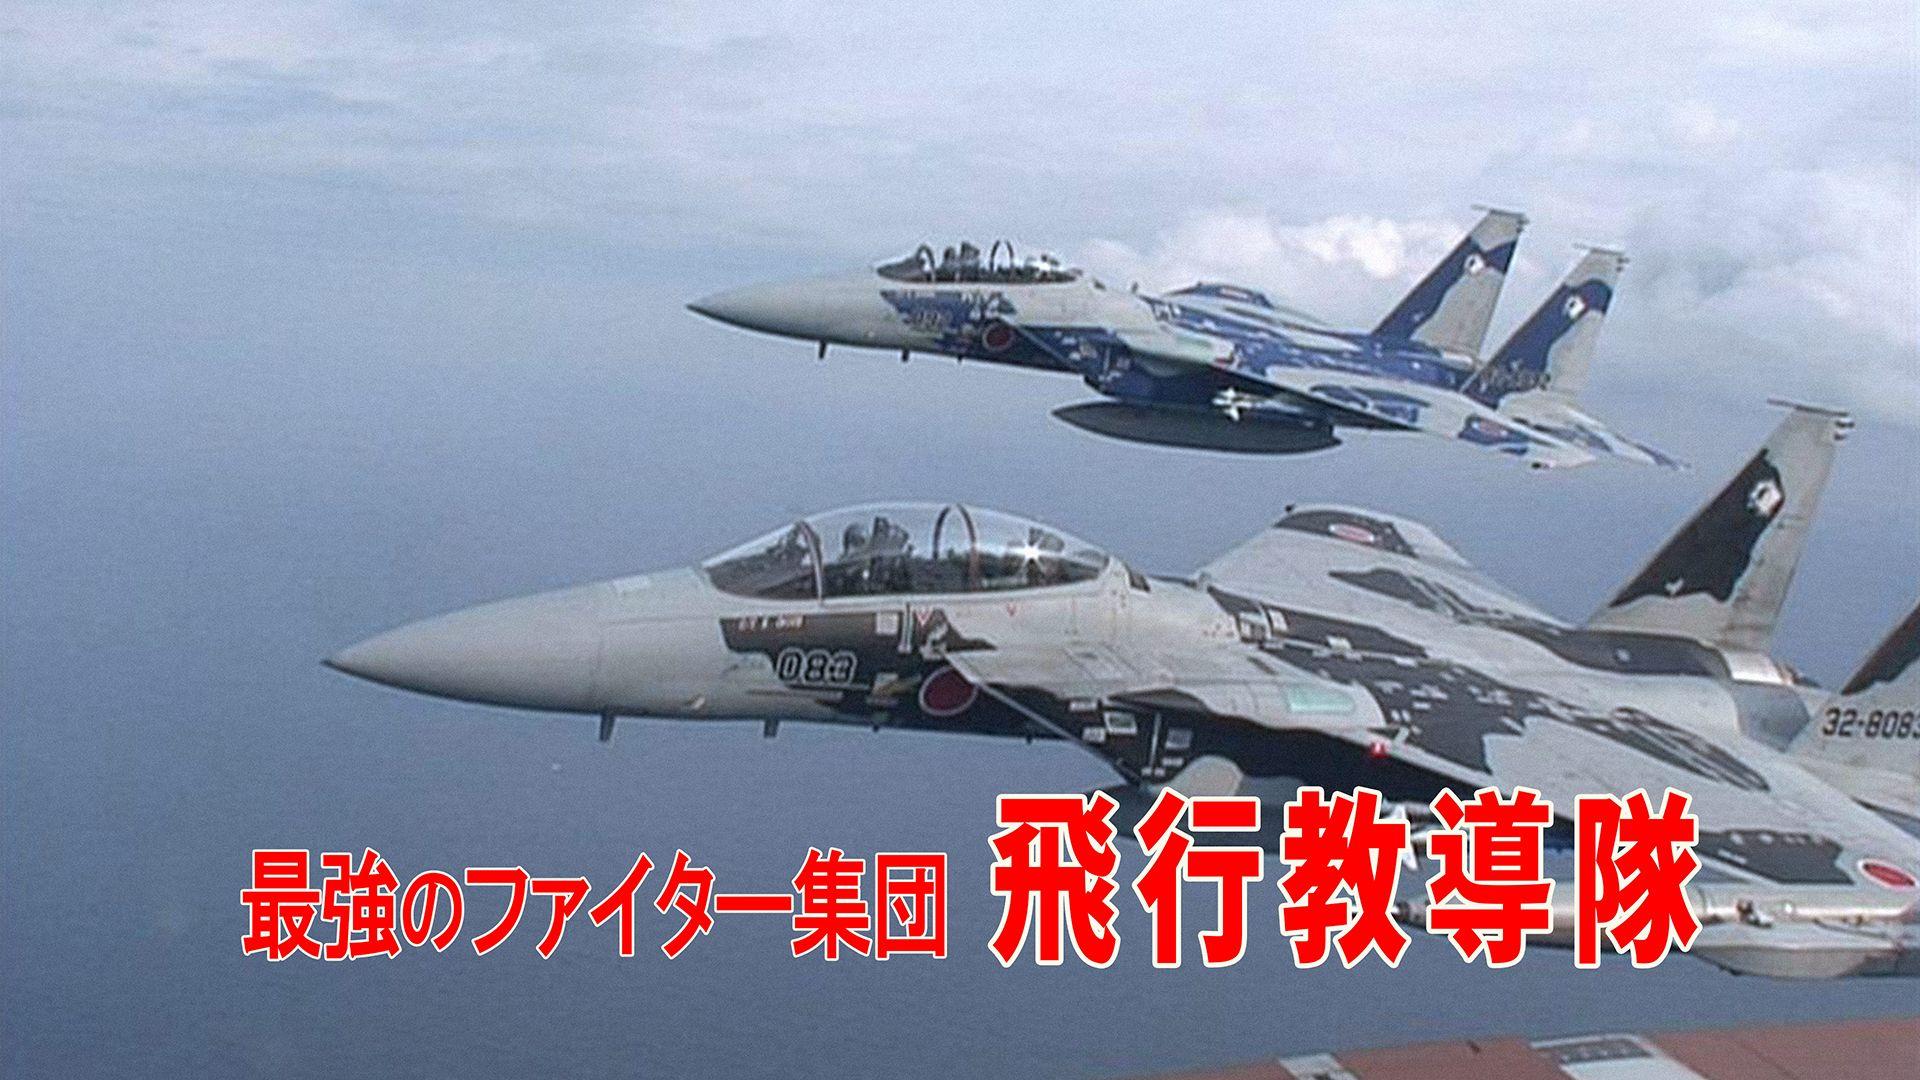 最強のファイター集団 飛行教導隊